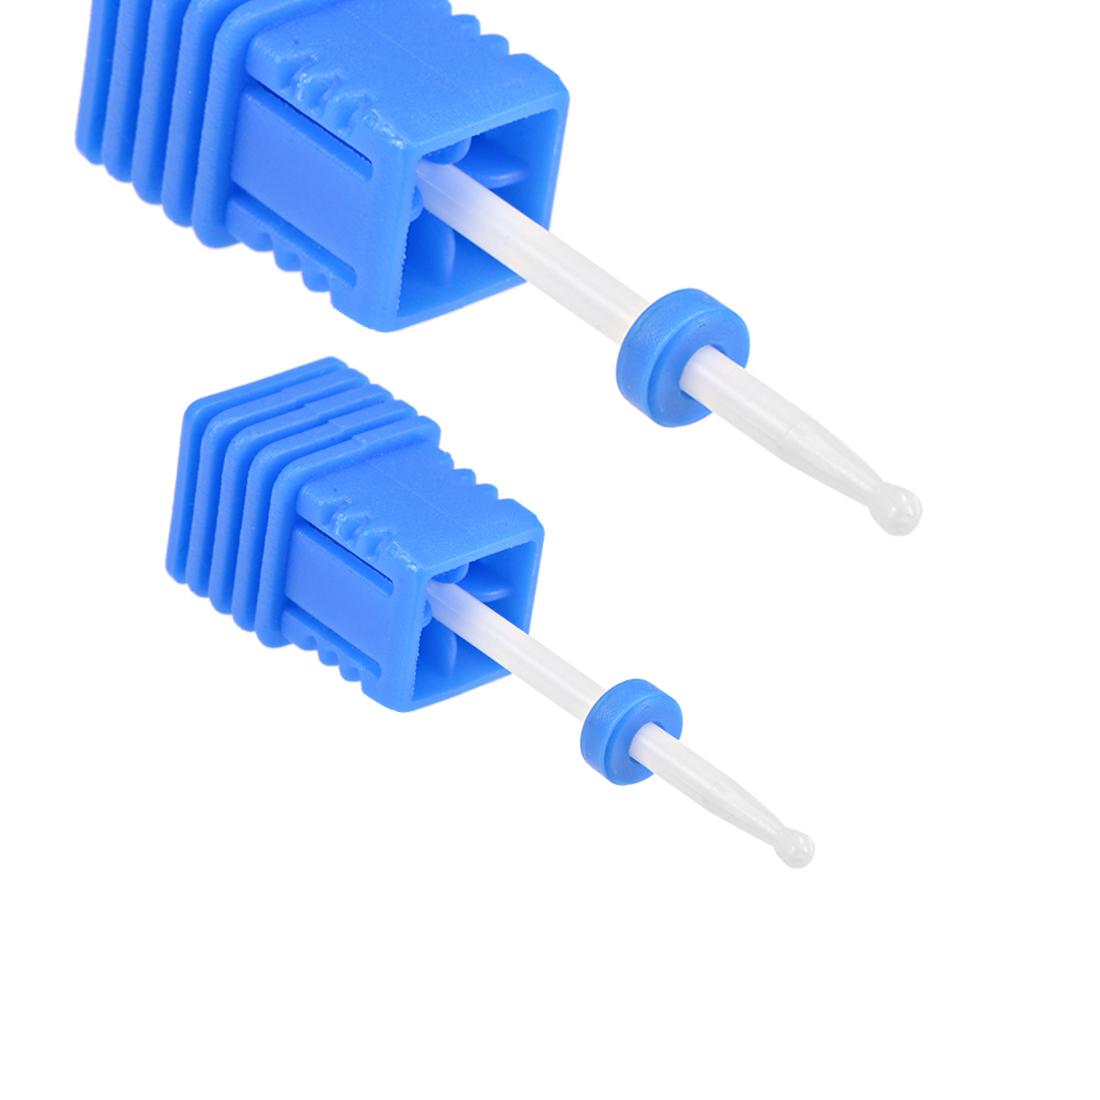 2pcs Ceramic Nail Drill Bits 3/32 inch (Medium Grit) Manicure Pedicure Blue